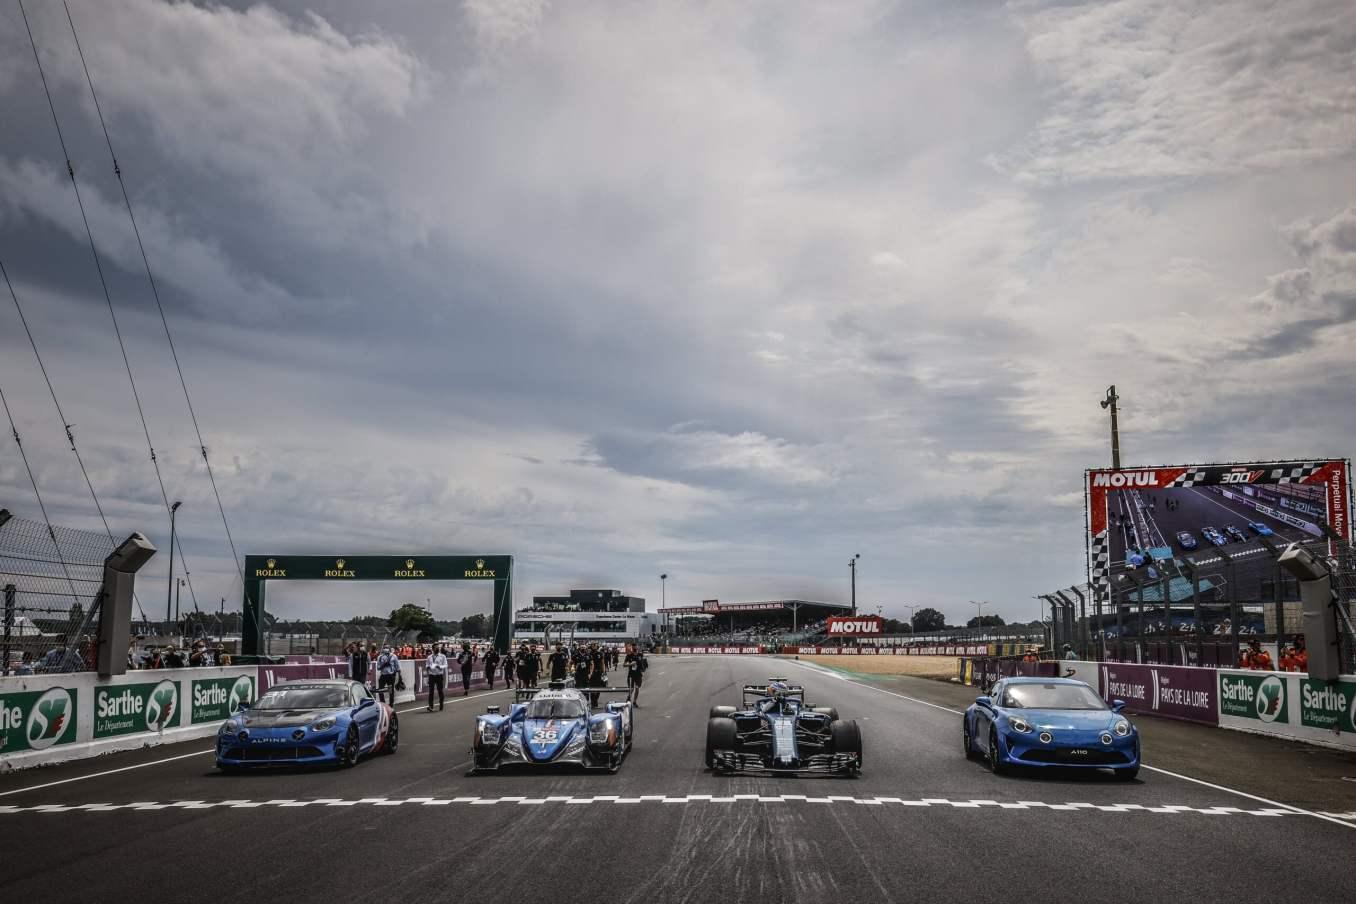 Une F1 aux 24h du Mans